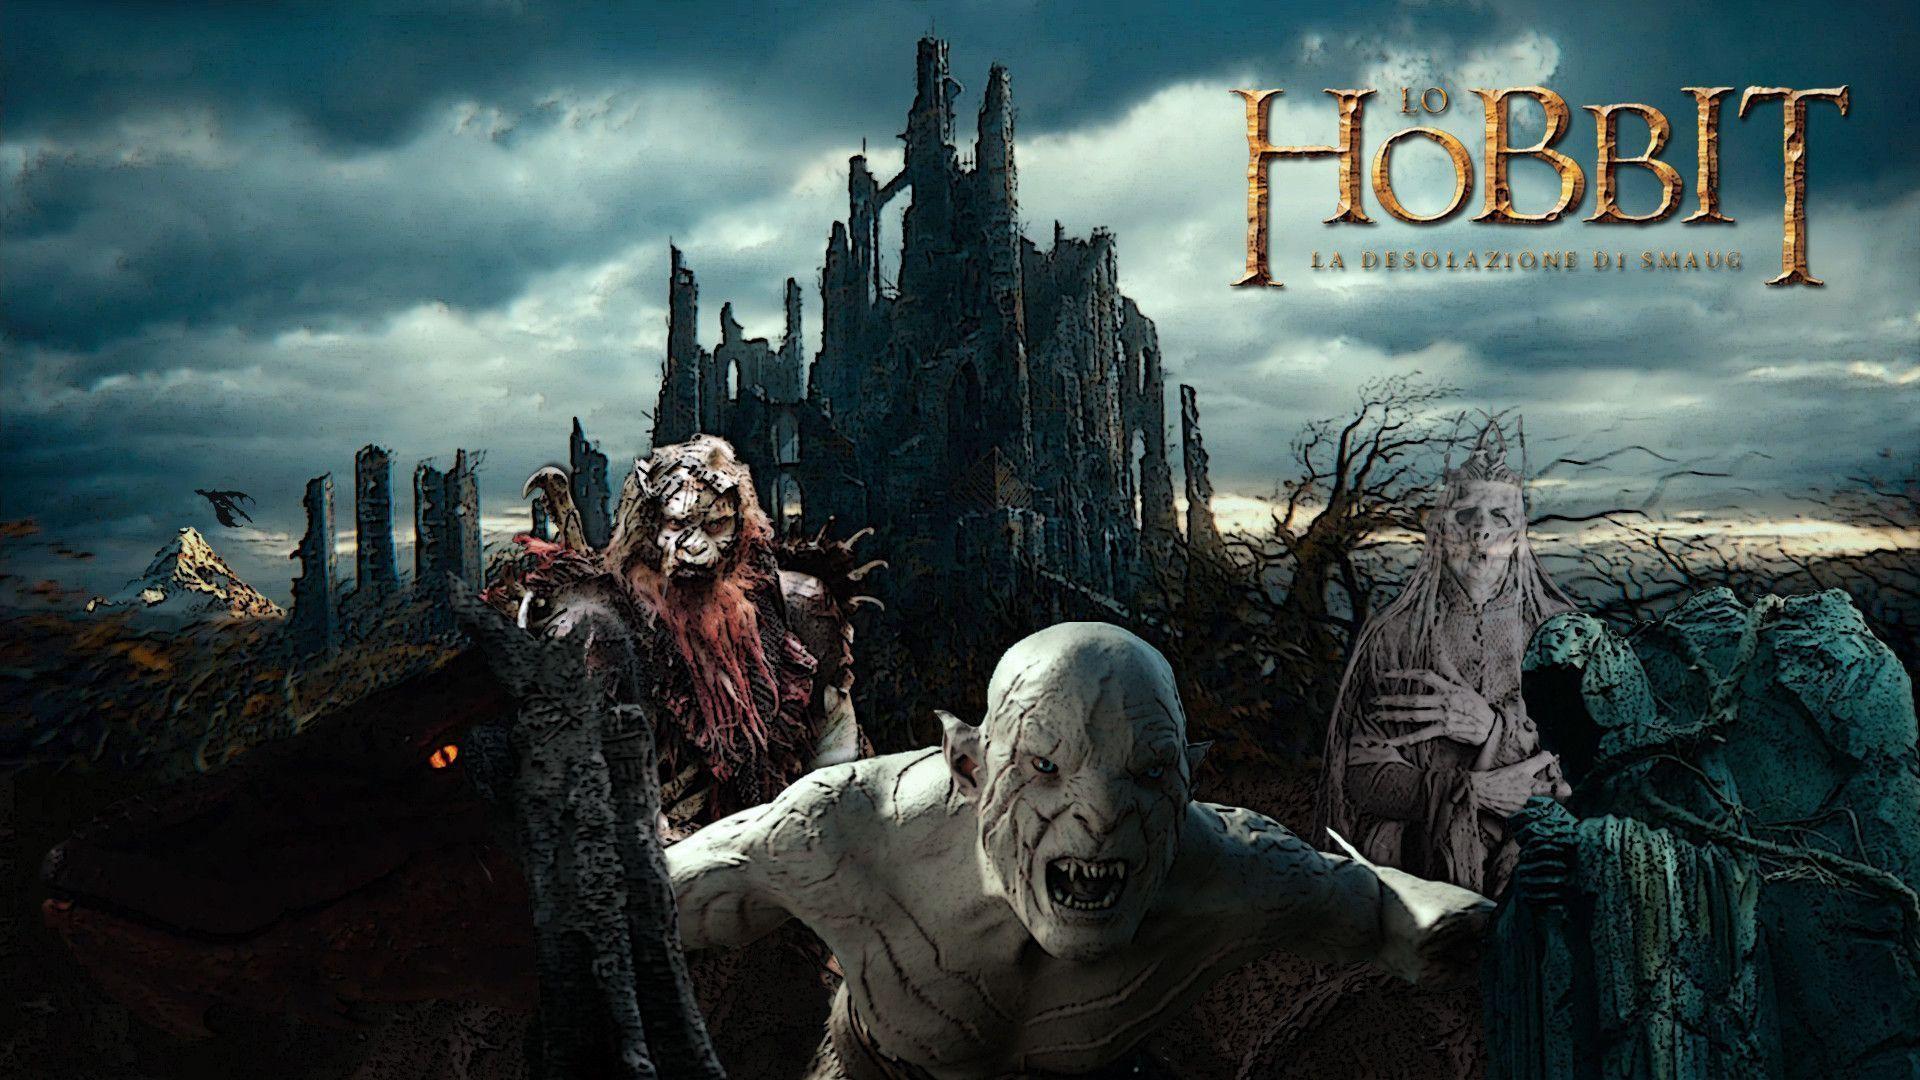 The hobbit 2 wallpaper